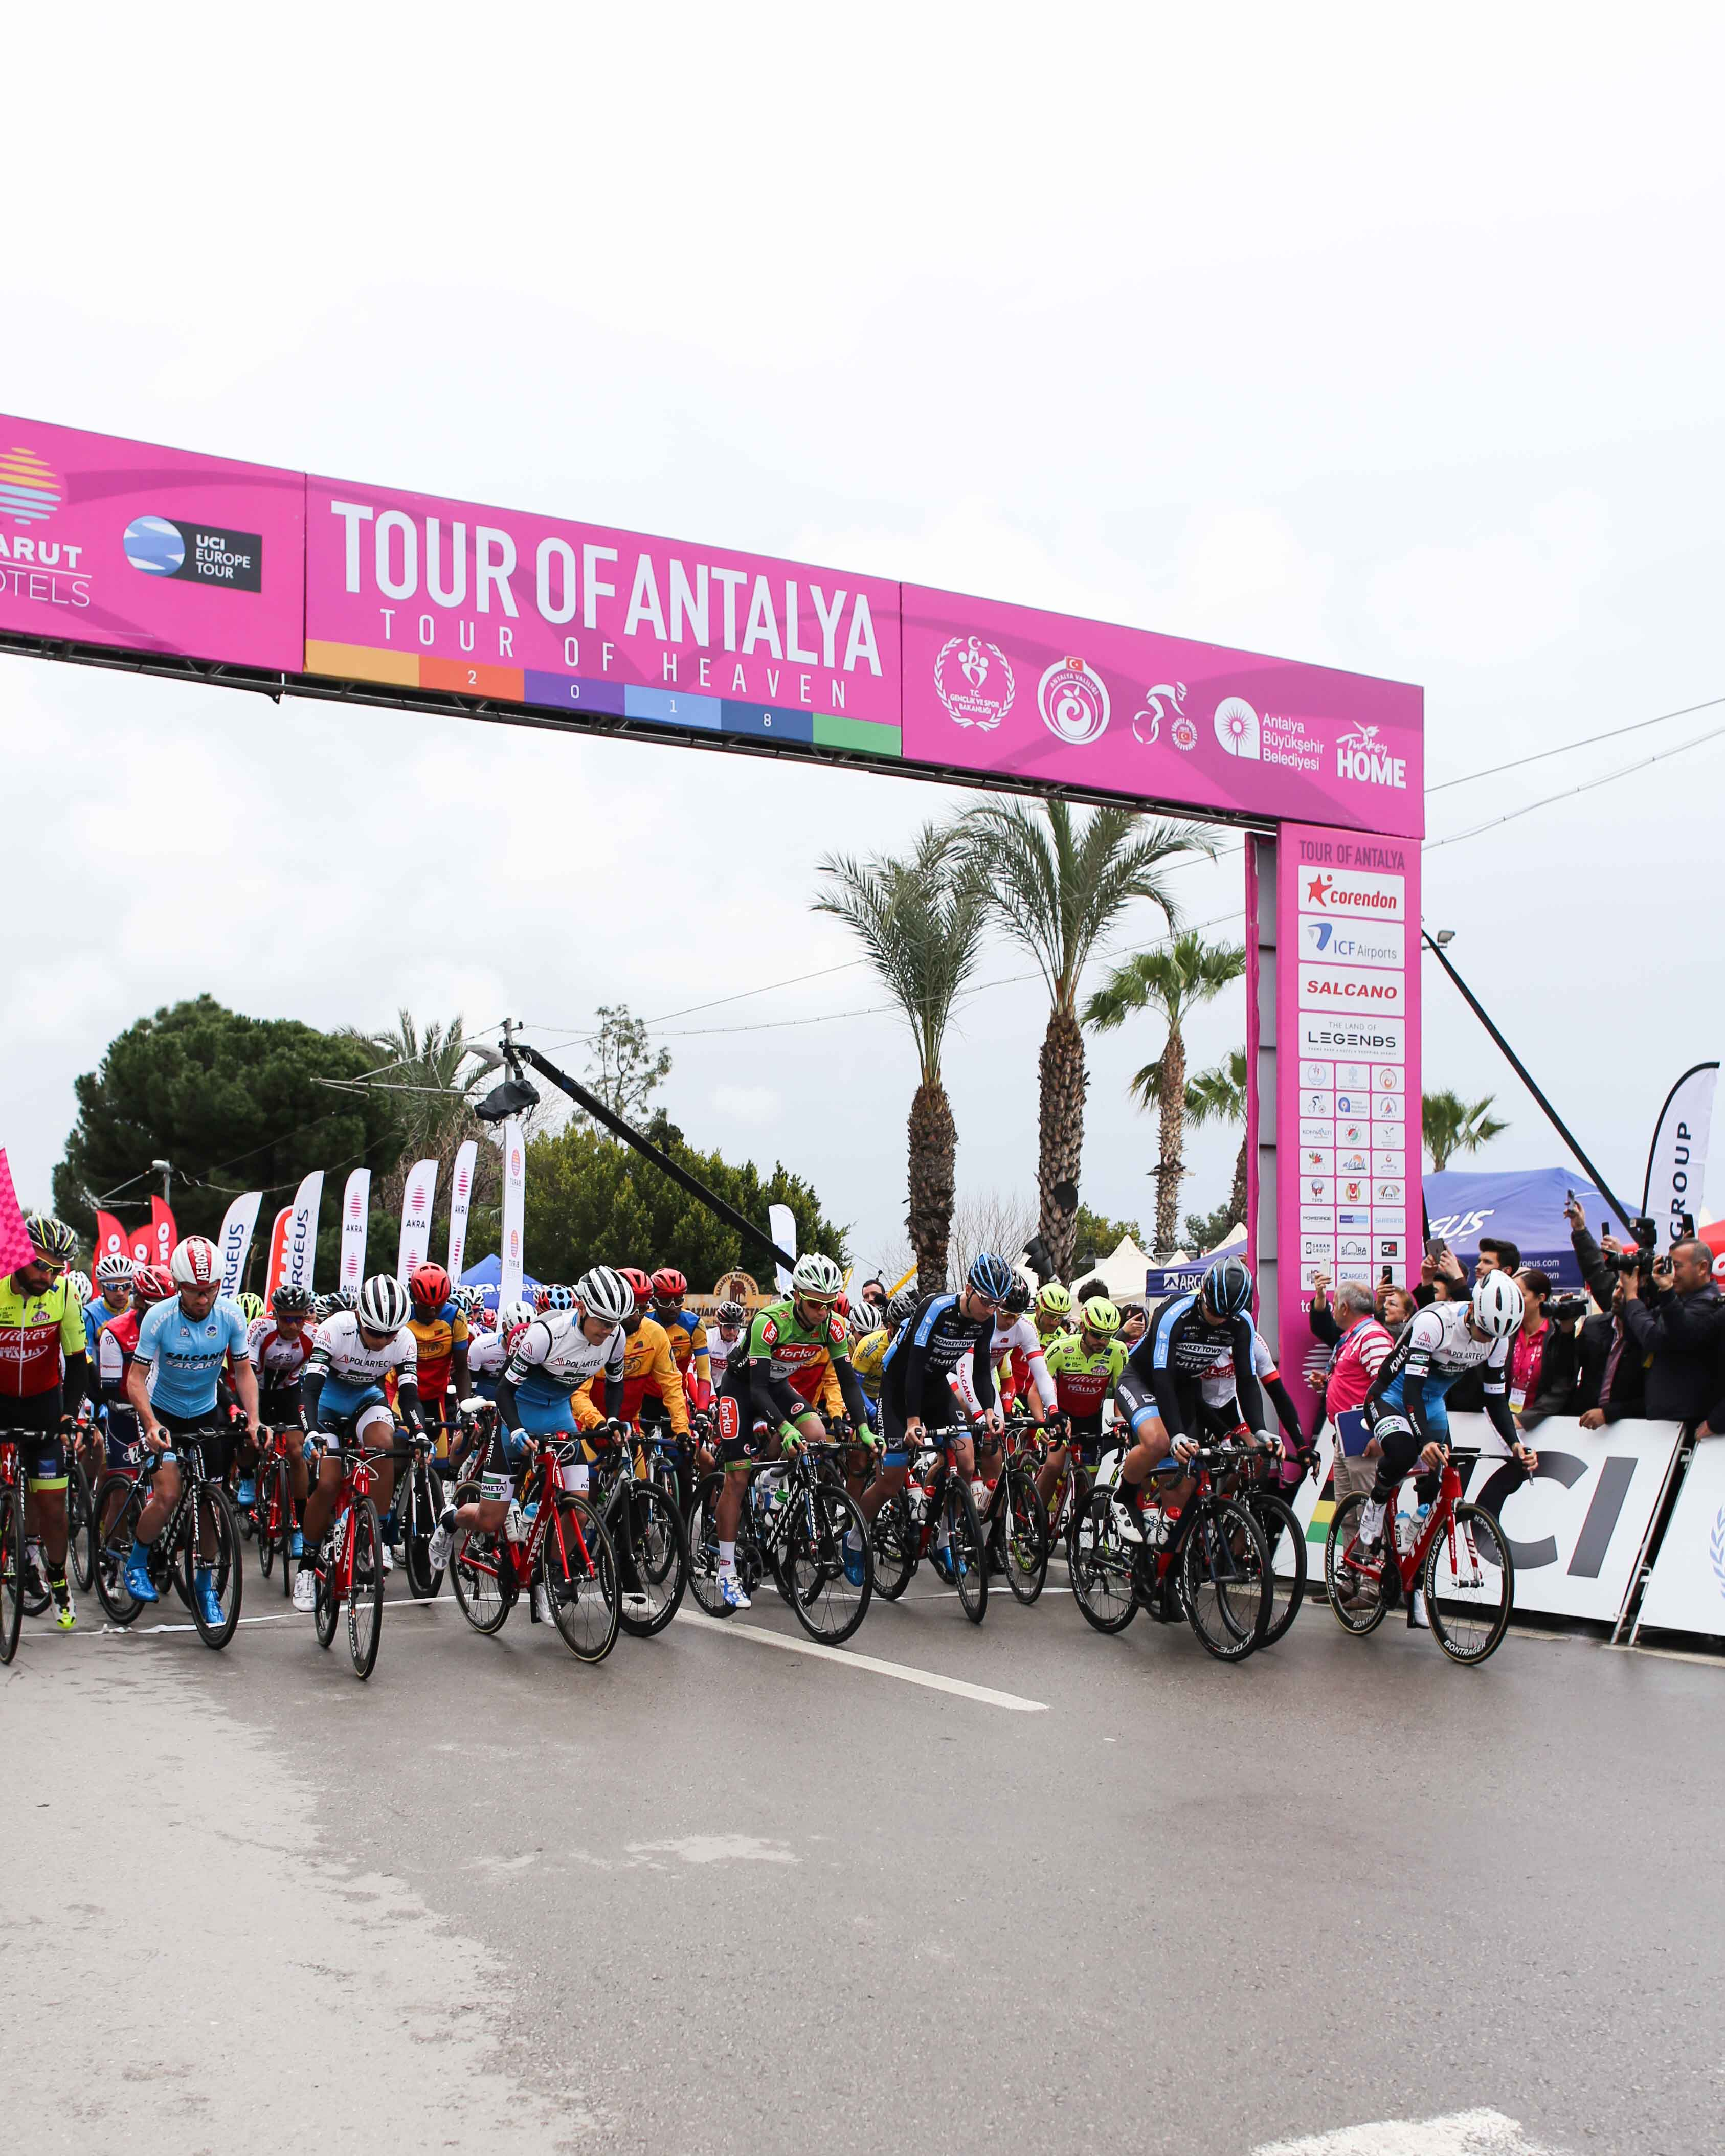 Tour of Antalya AKRA 2019